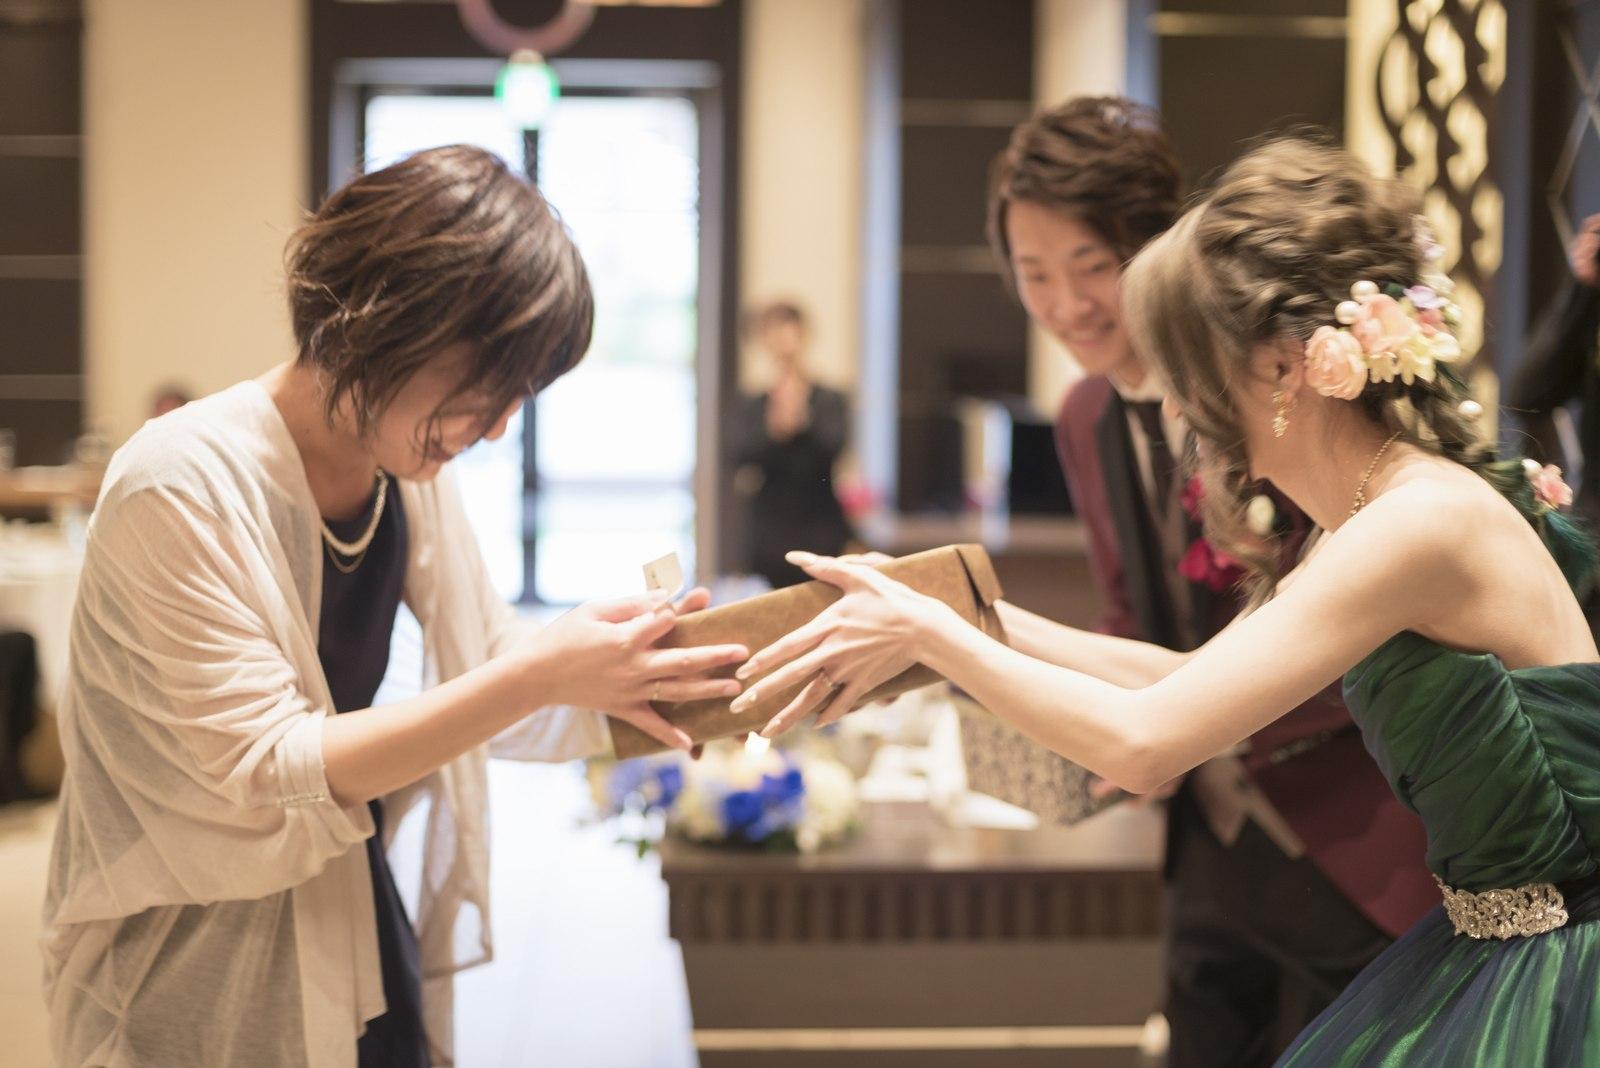 高松市の結婚式場アイルバレクラブのサプライズプレゼントを渡す新婦